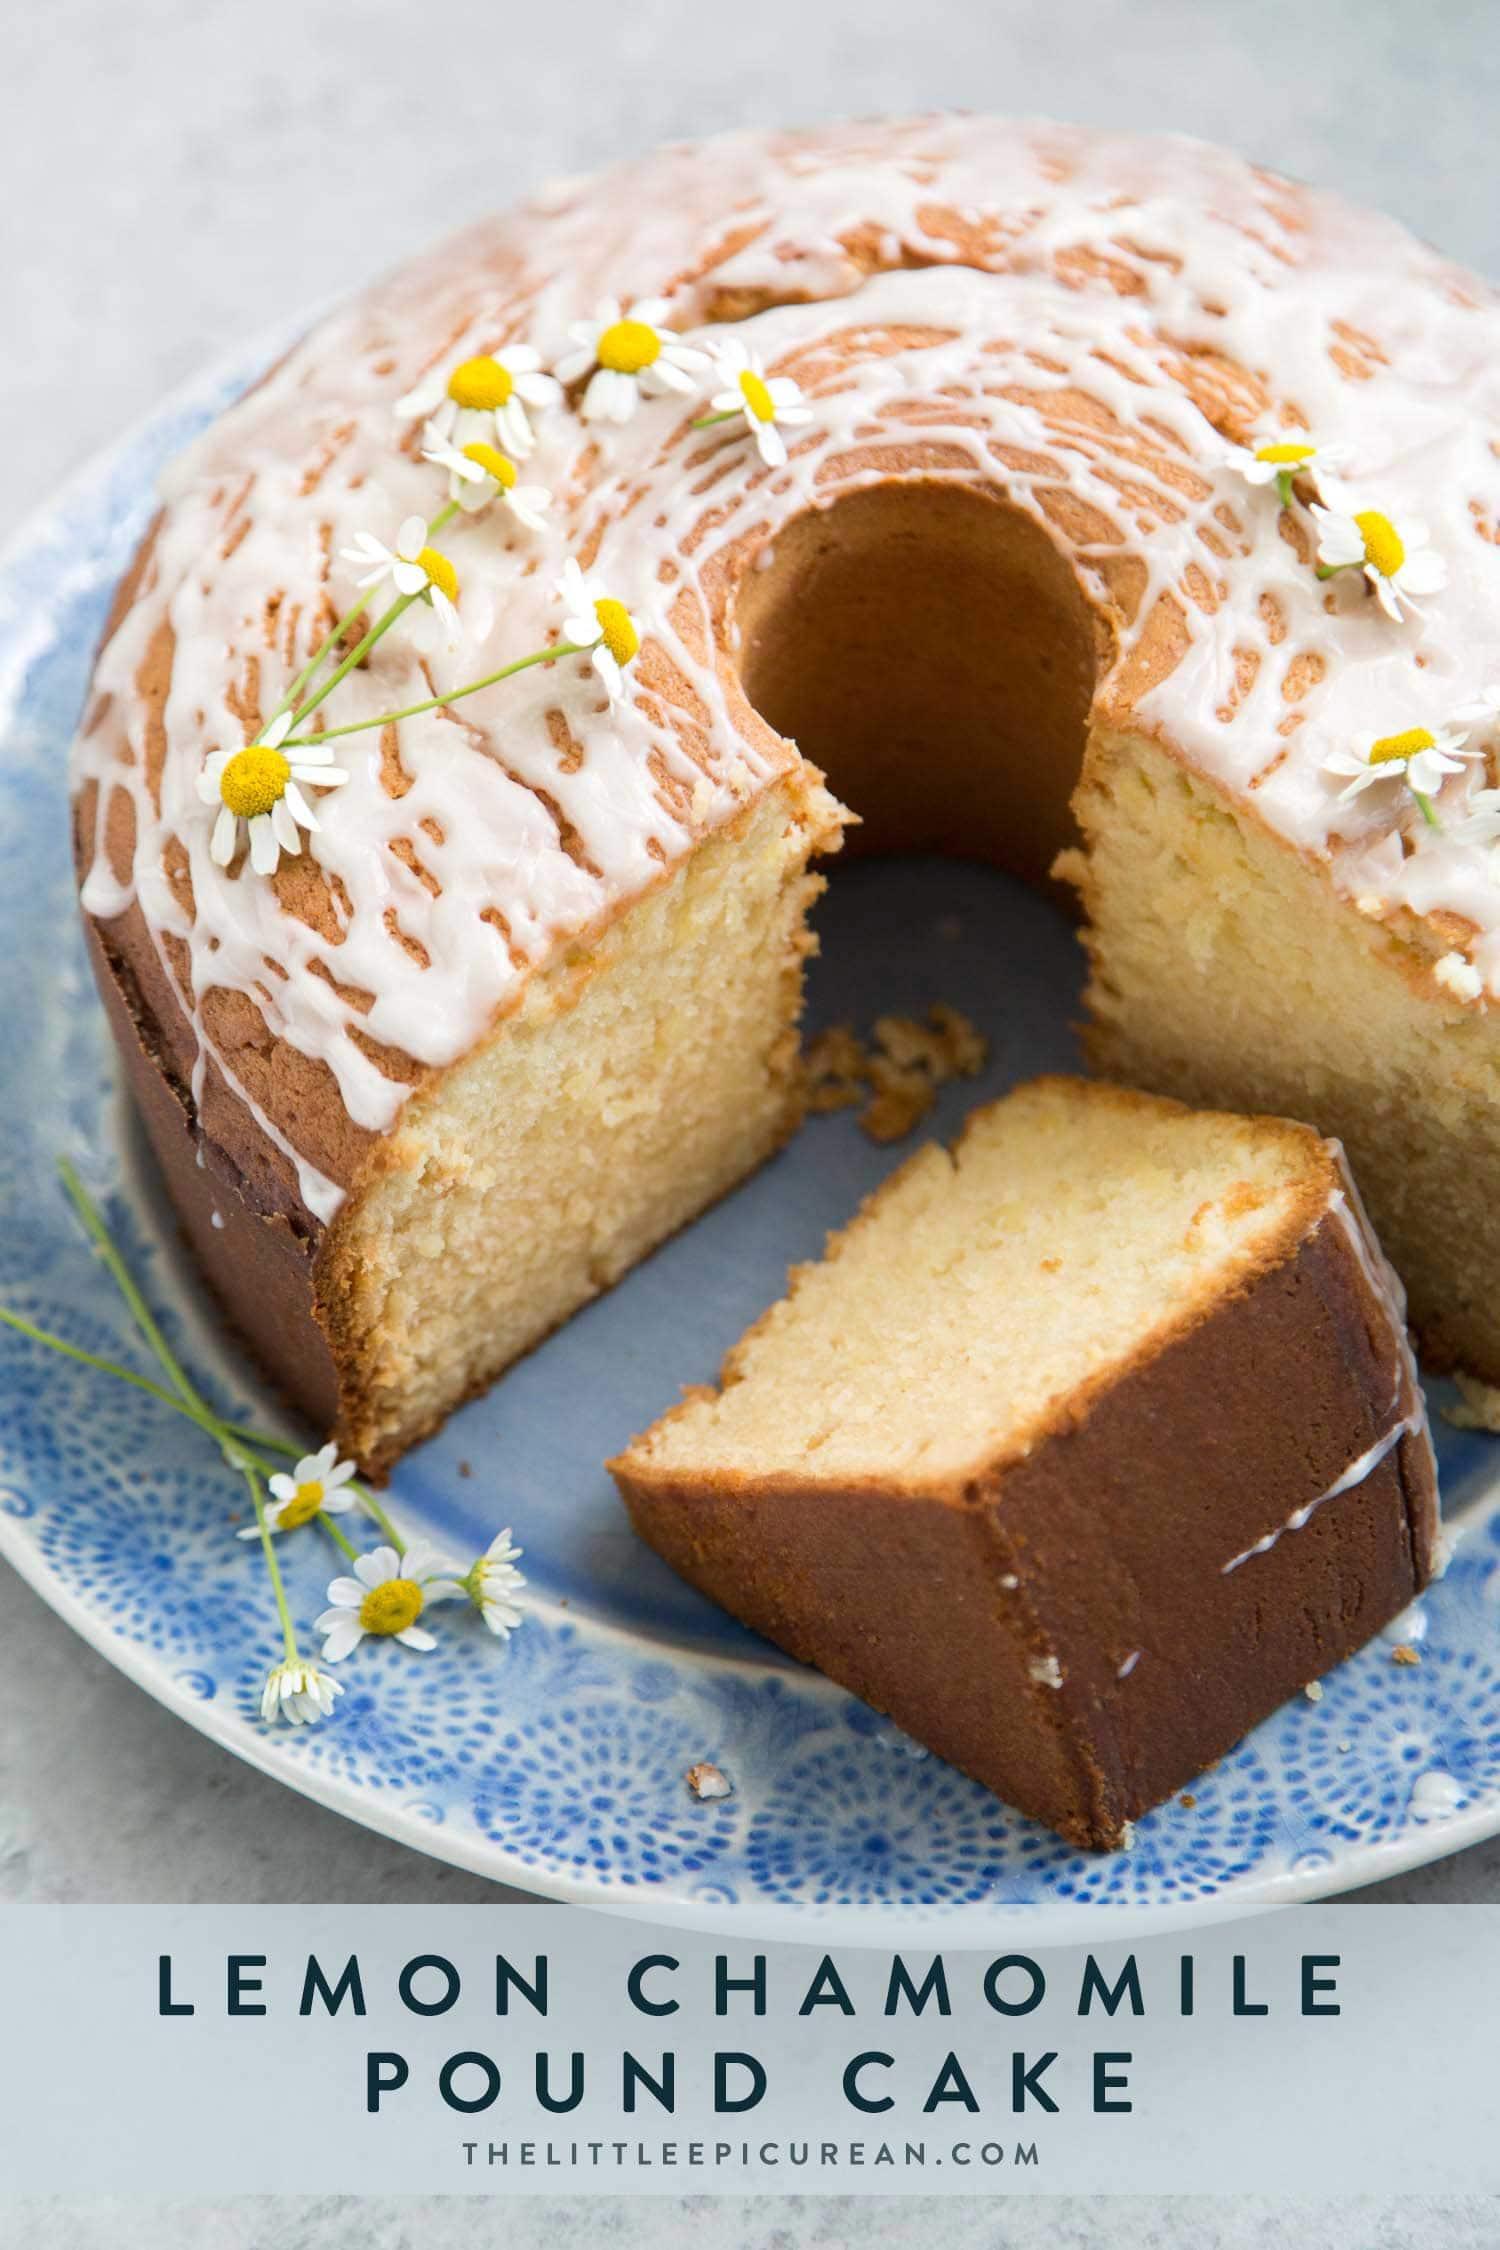 Lemon Chamomile Pound Cake